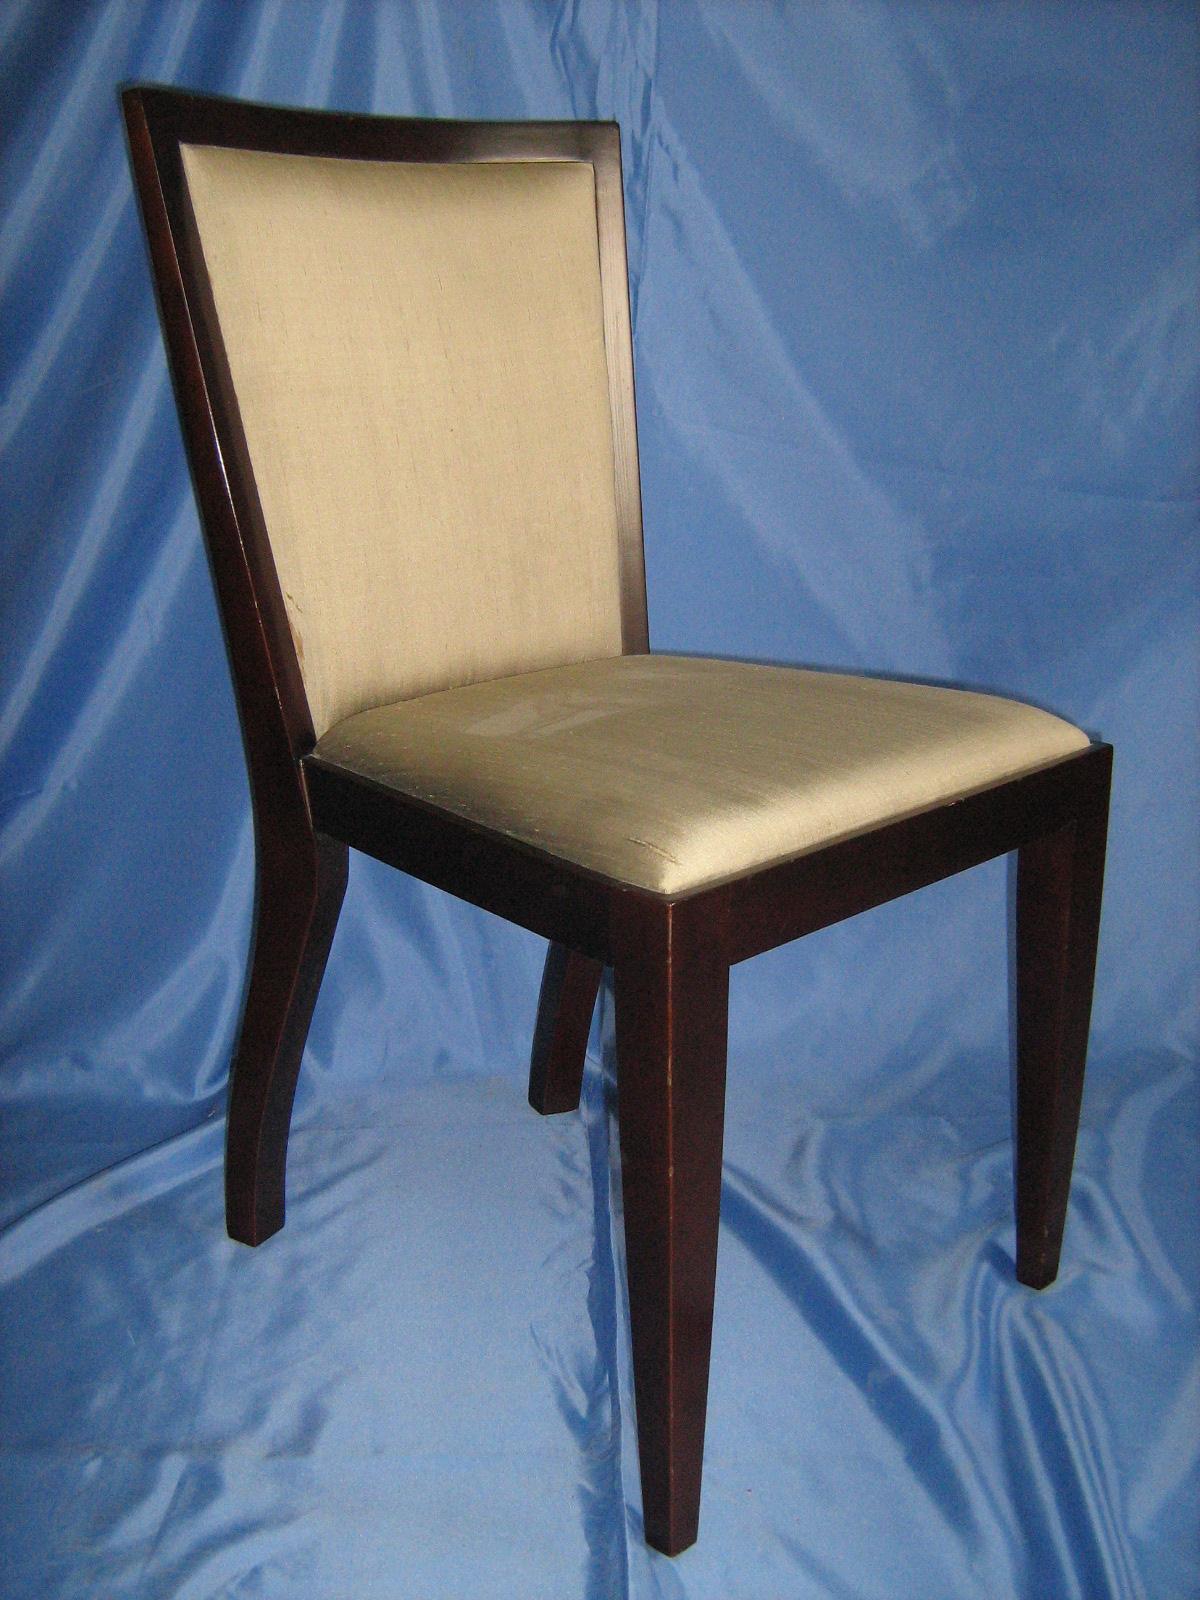 Blog Decoração de Interiores: Cadeiras para Sala de Jantar SP #9E772D 1200x1600